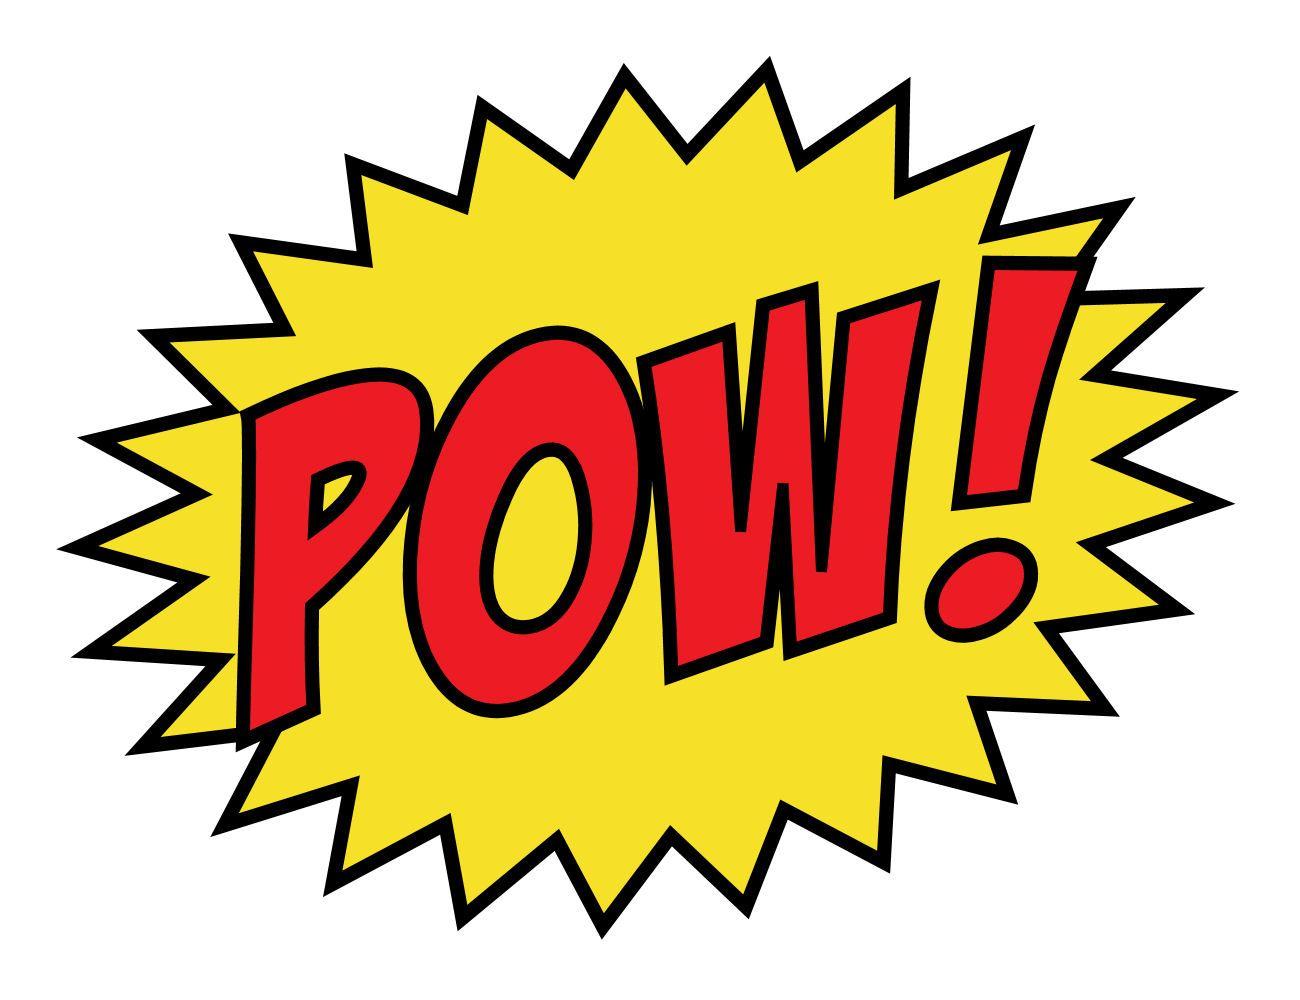 Boom clipart batman. Clip art spider man